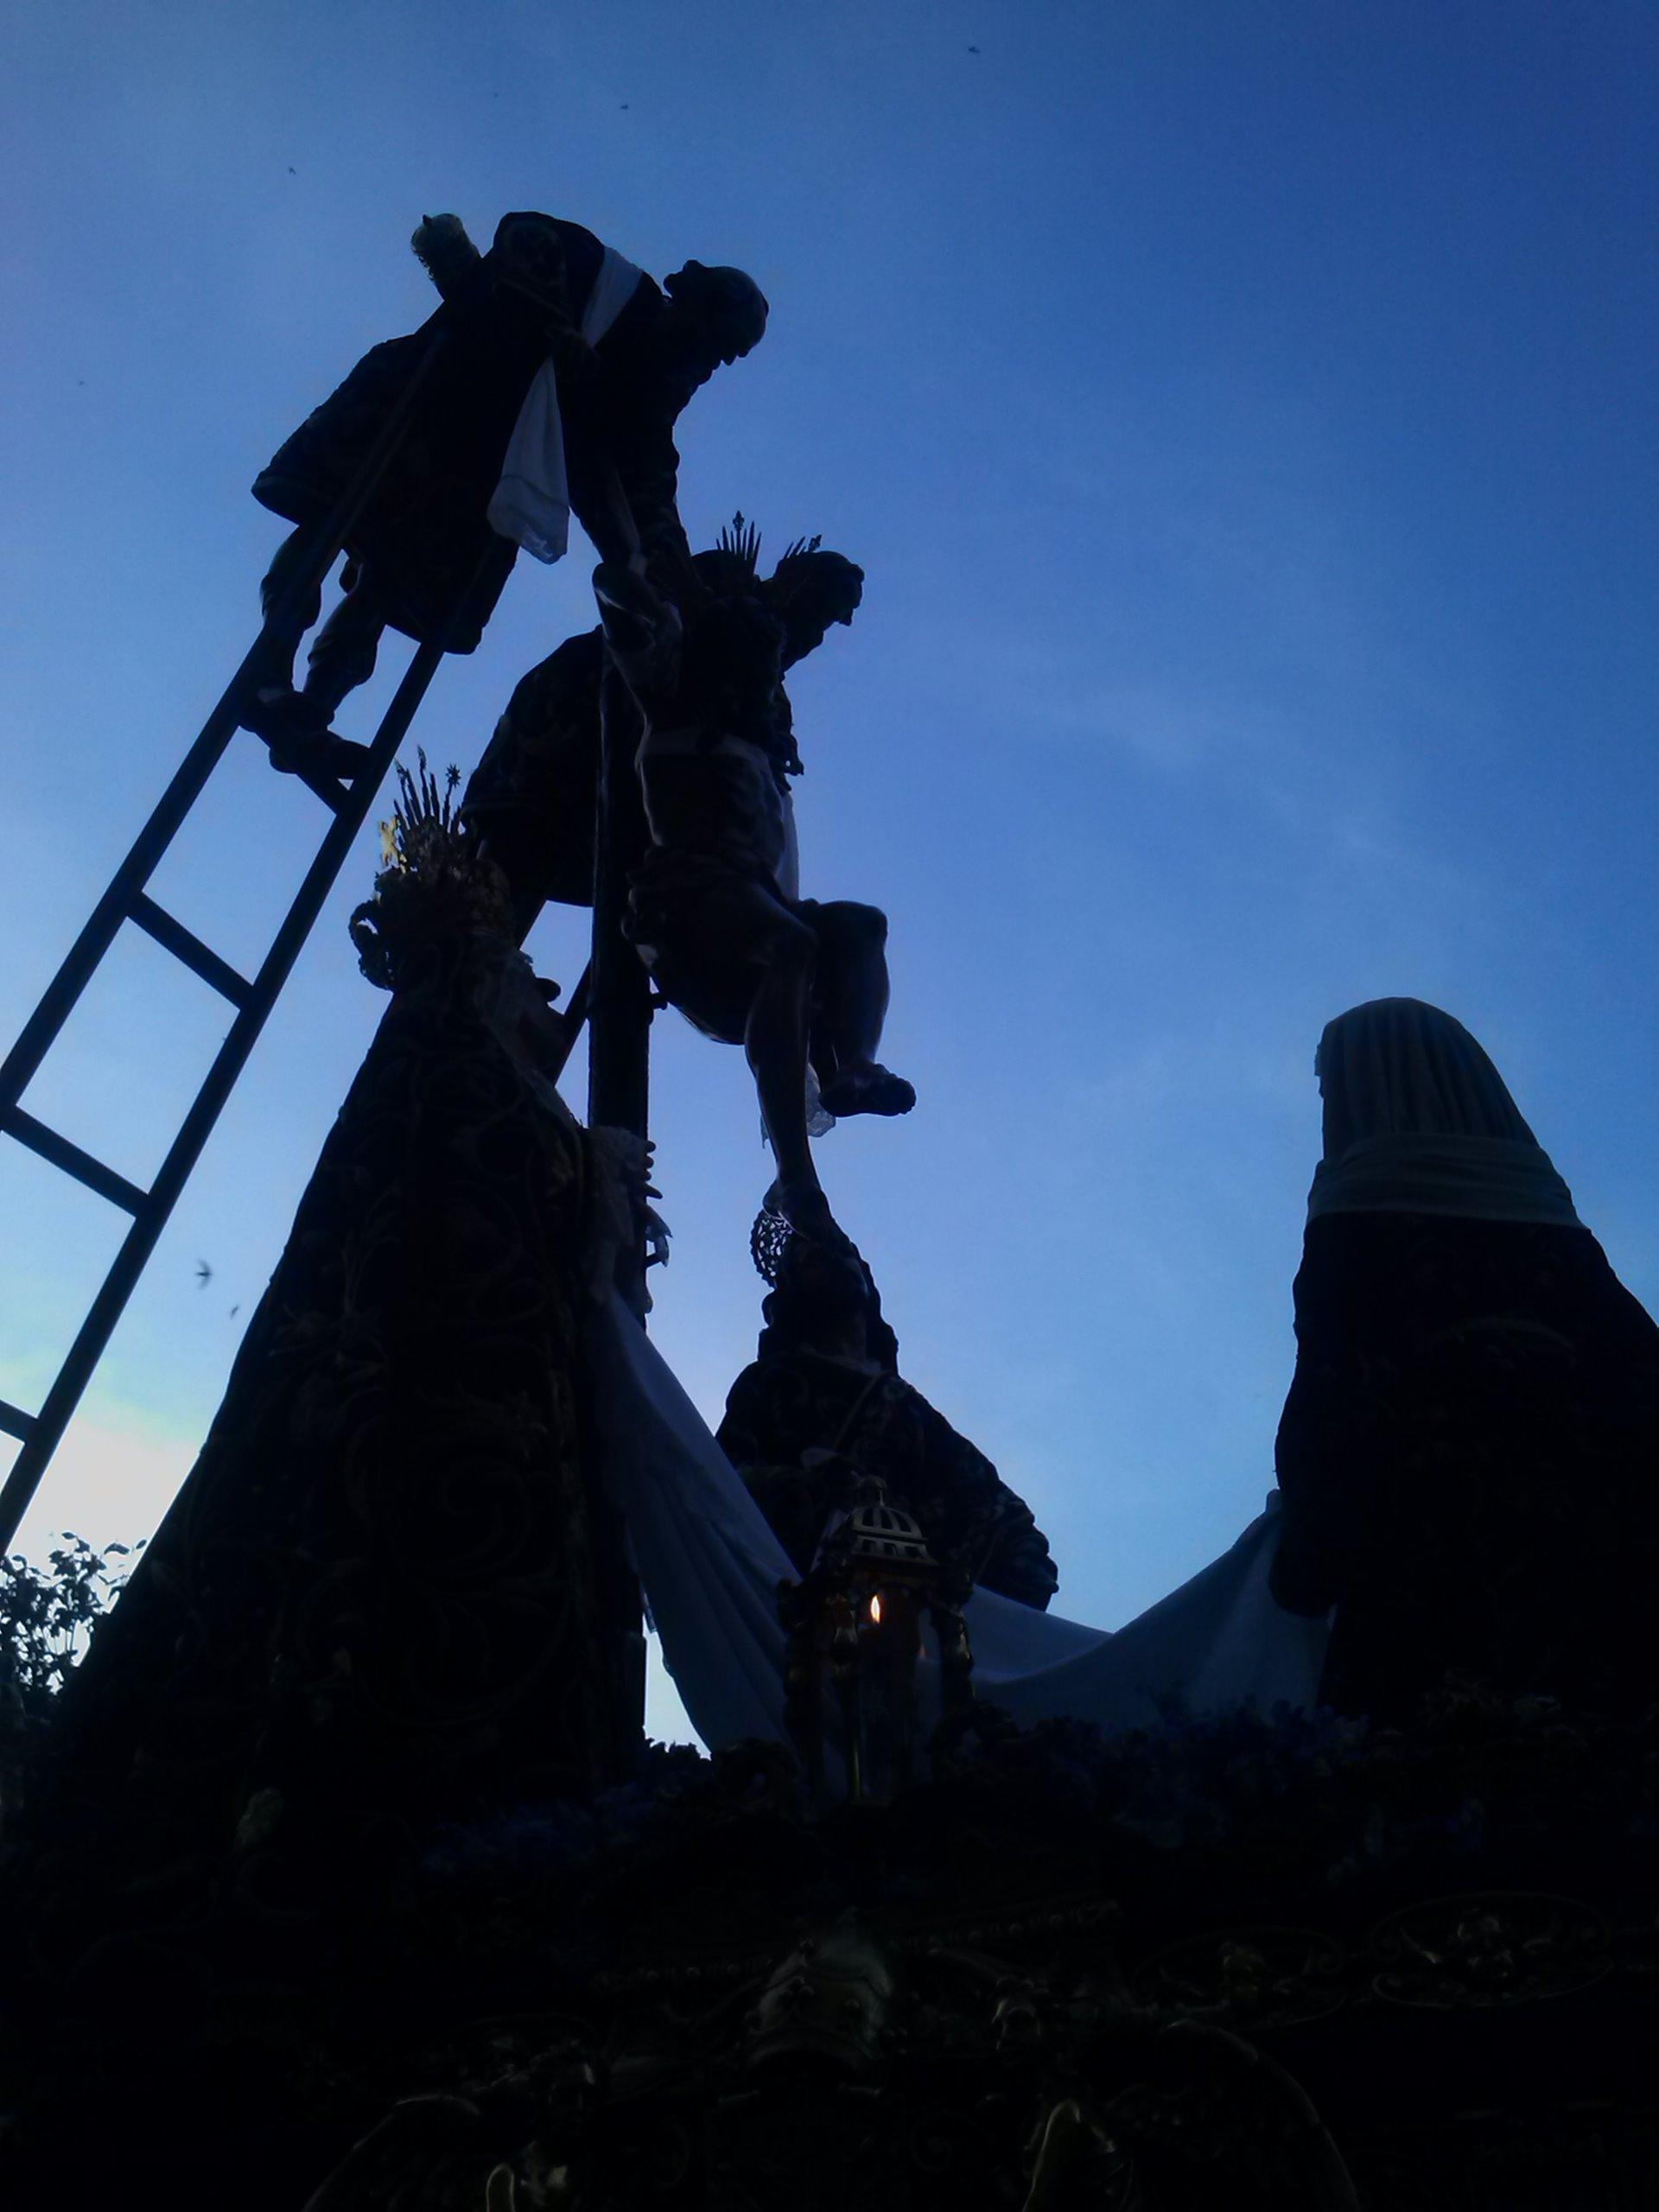 Pasión según Sevilla: Sagrado Descendimiento de Nuestro Señor Jesucristo y Quinta Angustia de María Santísima Nuestra Señora (Foto: Francisco Calvo)